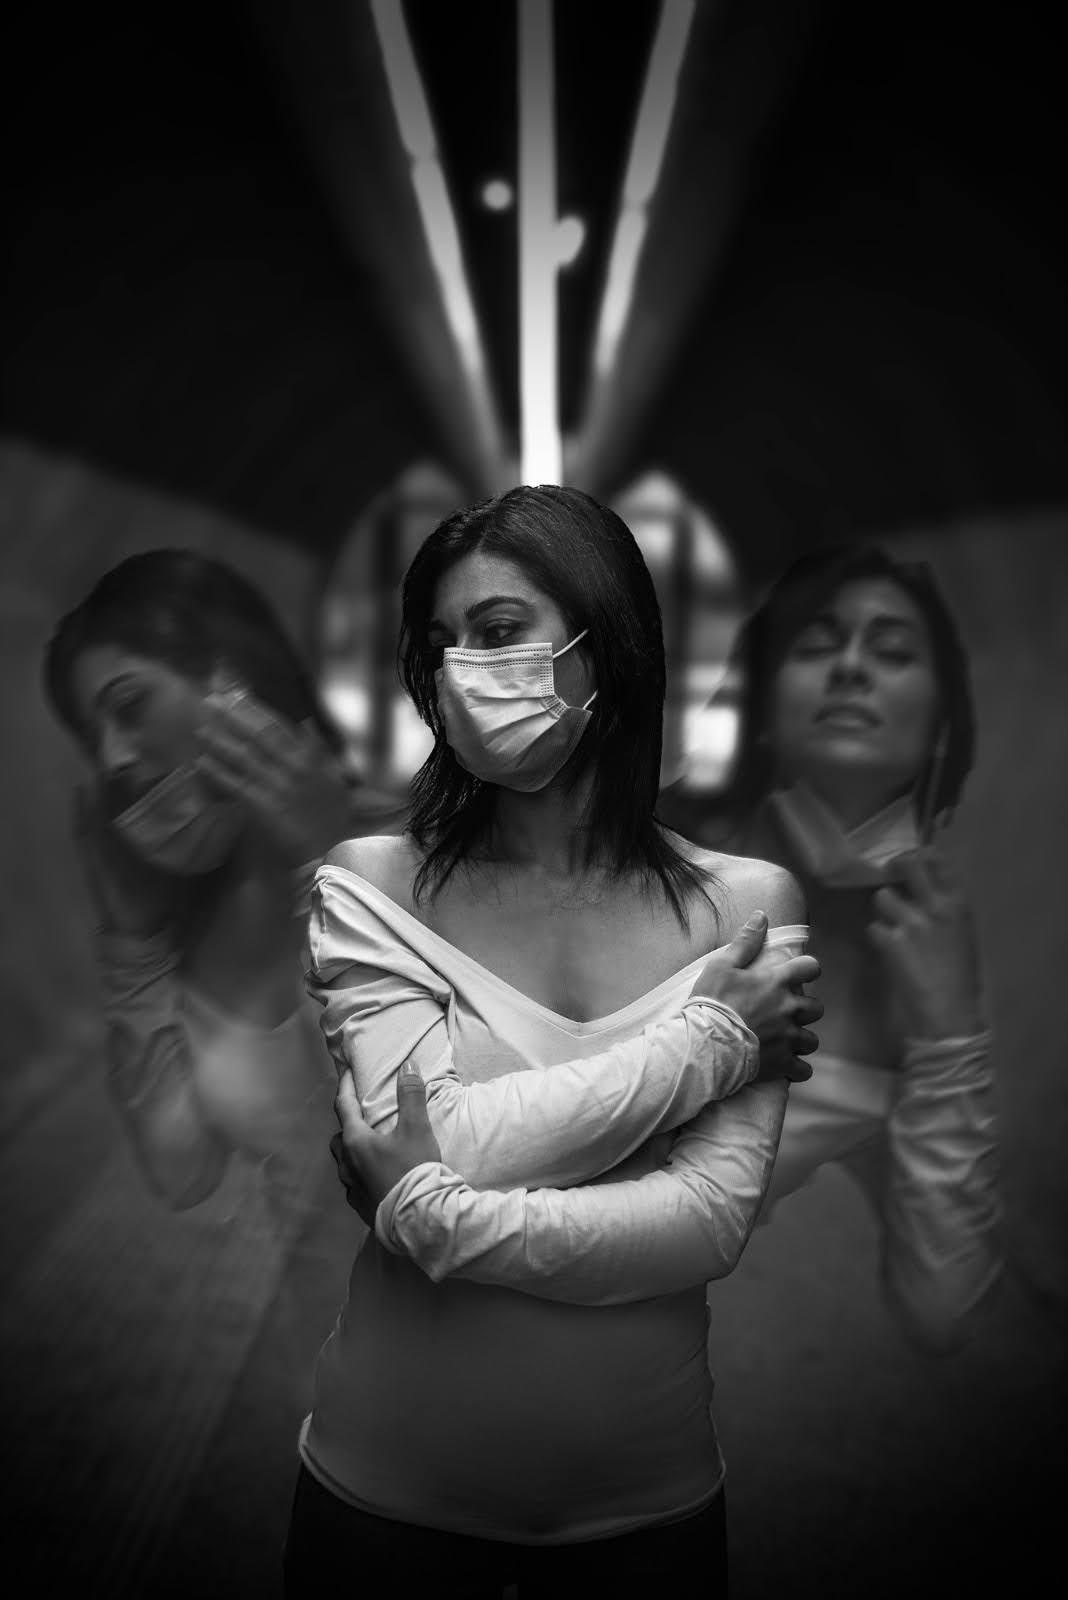 Mascherina: Libertà o Costrizione